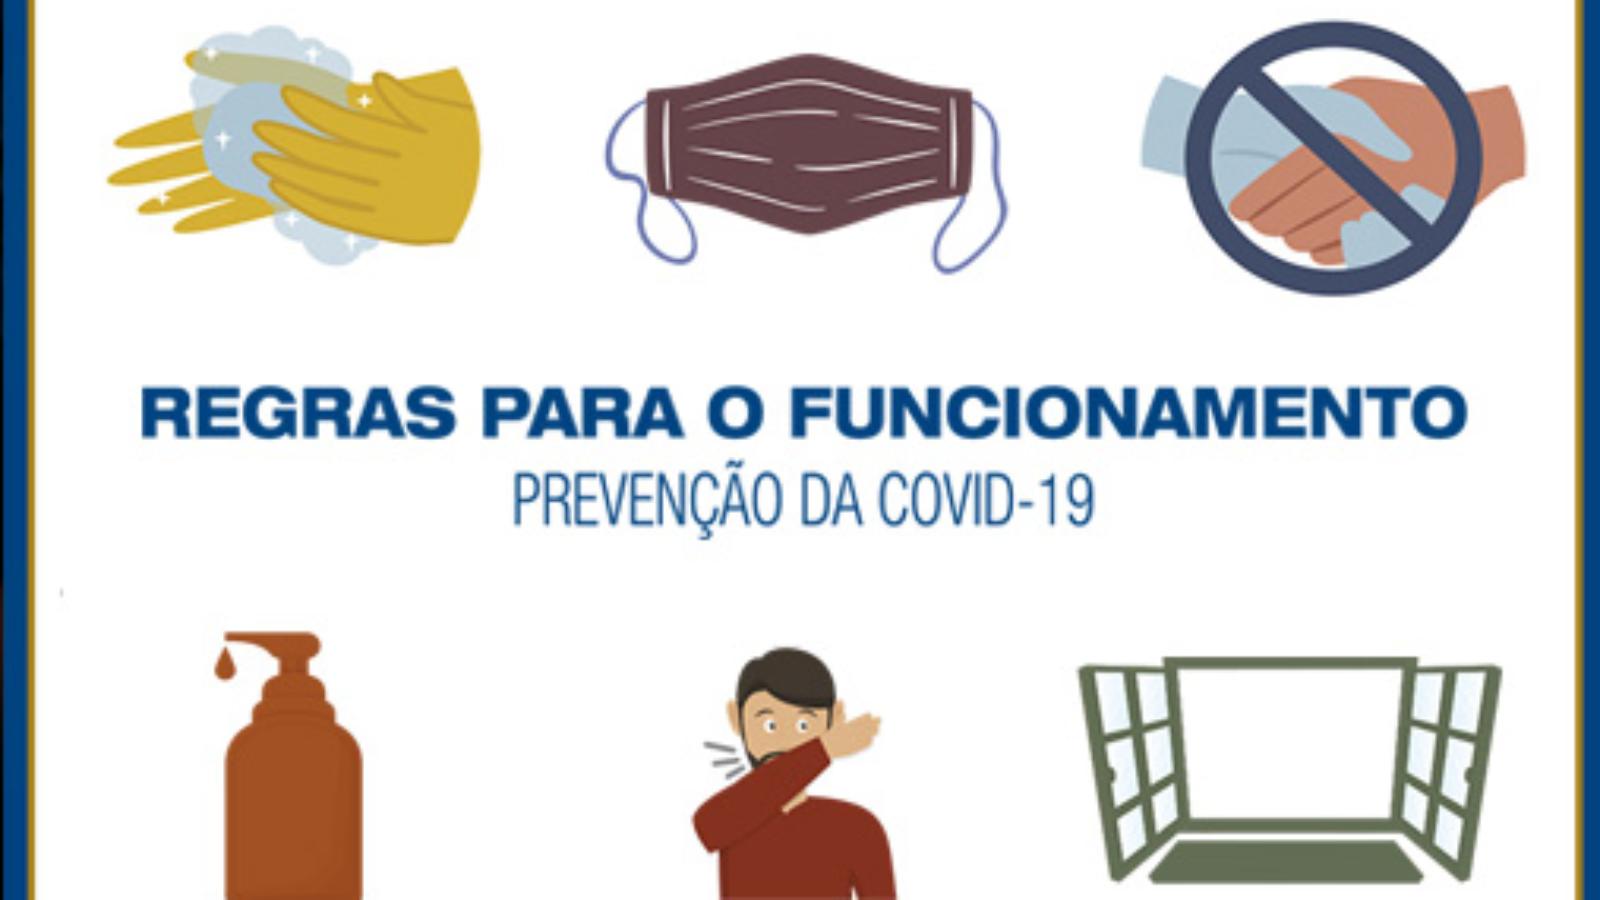 regras para o funcionamento do comércio no municipio do Rio de Janeiro